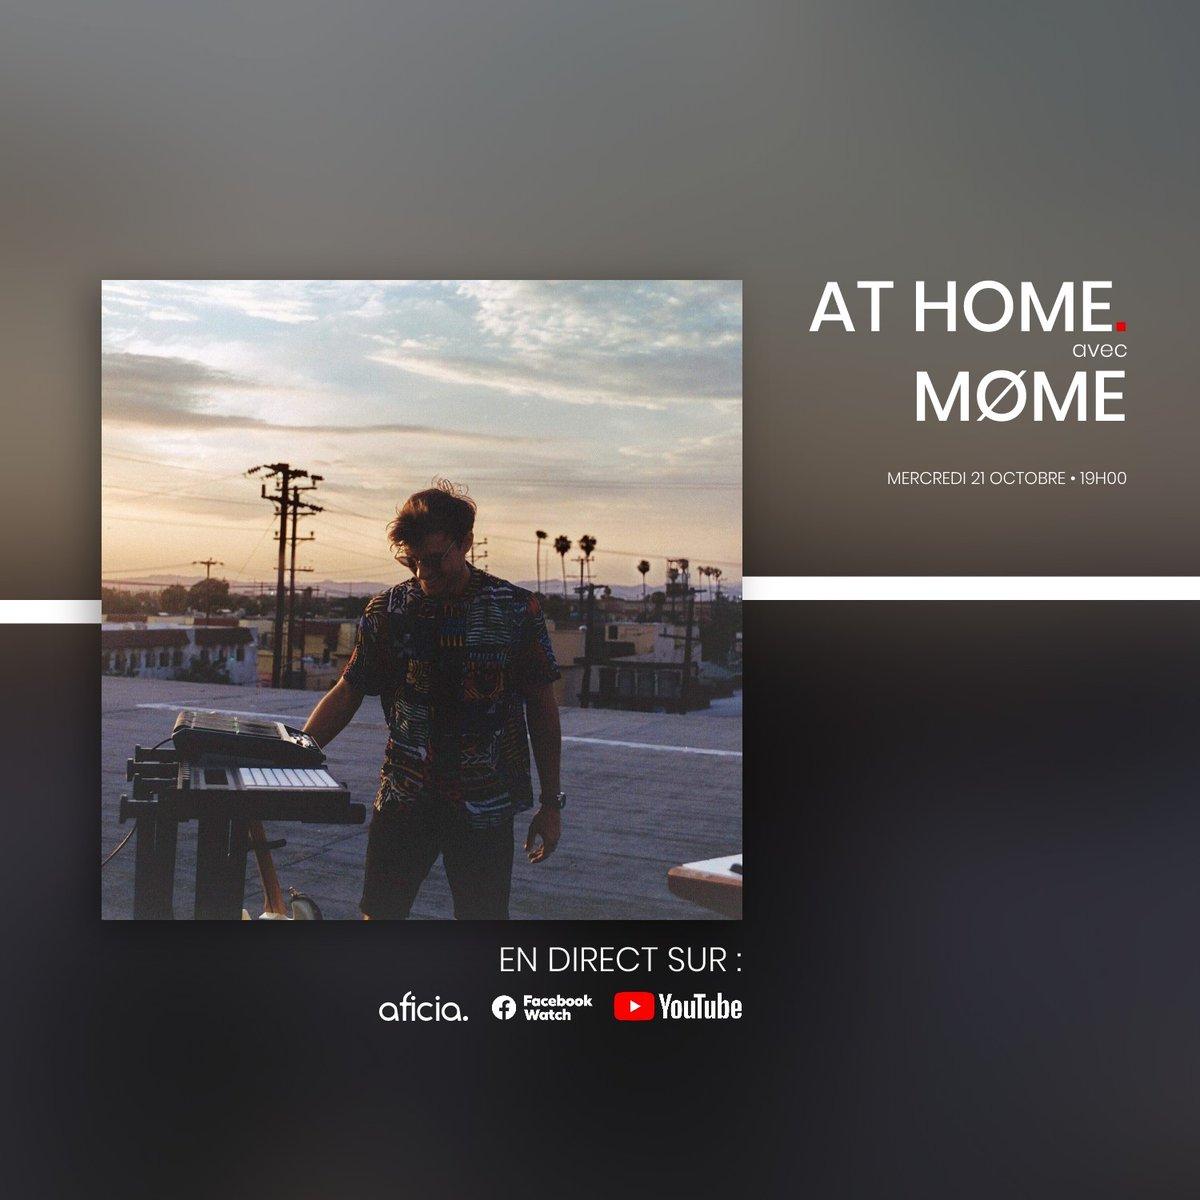 """Demain, 19H, live session #ATHOME avec @momeofficial  On parlera de son single """"They Said"""", de son nouvel album #FlashbackFM, de #musique...   https://t.co/HmGHUlDtWO https://t.co/qdF3vFbYZk"""